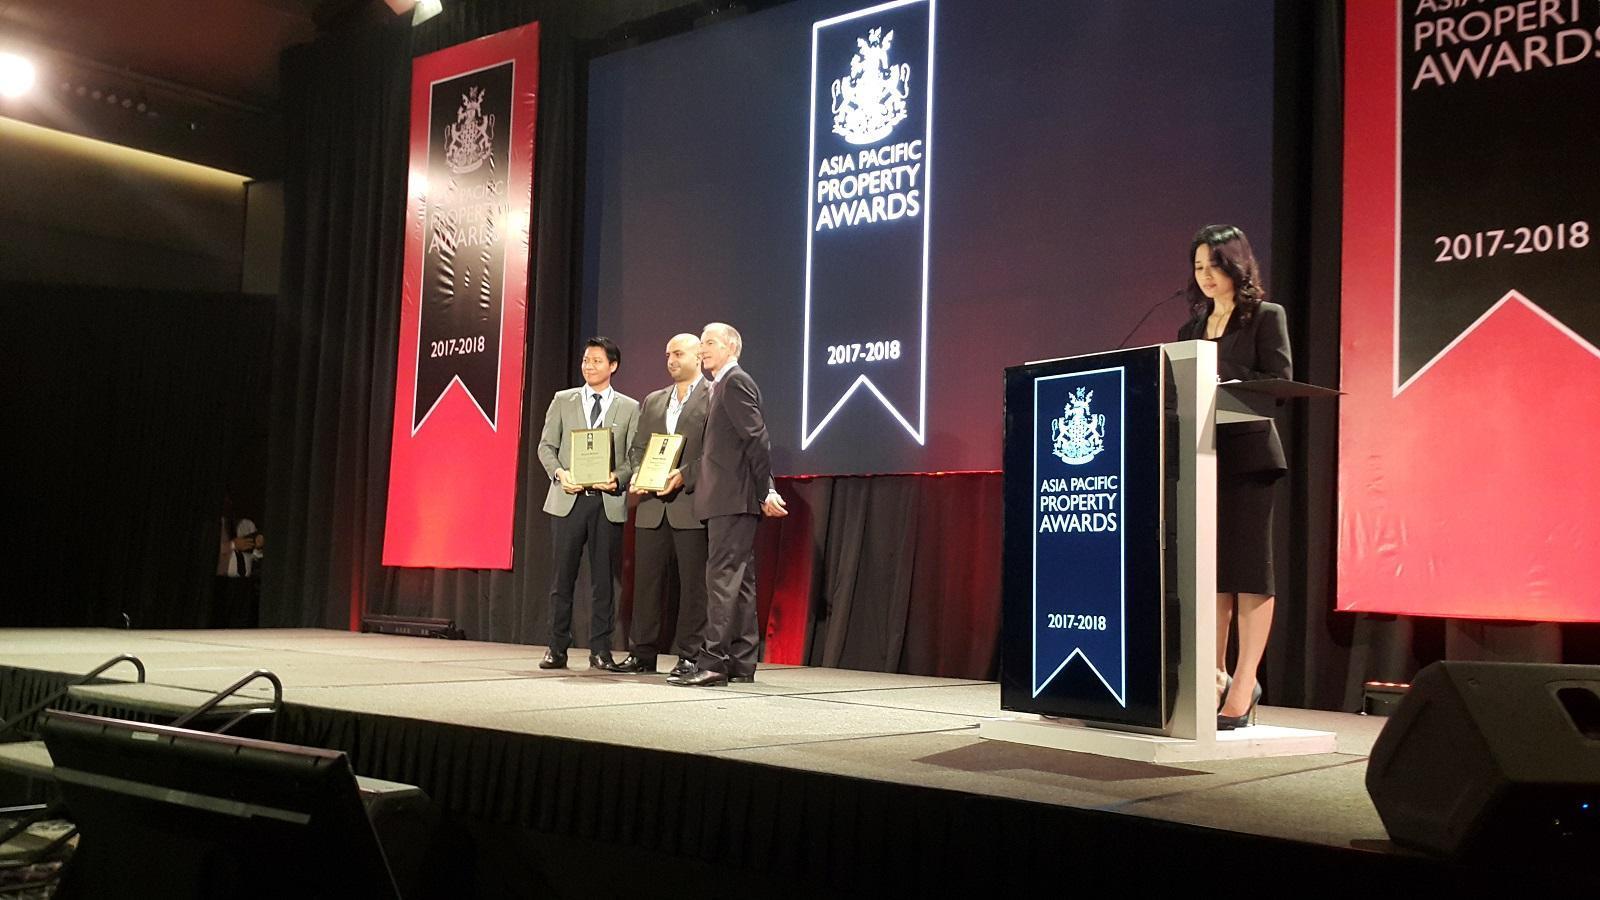 Dự án Him Lam đoạt hai giải thưởng quốc tế tại ASIA PROPERTY AWARDS 2017